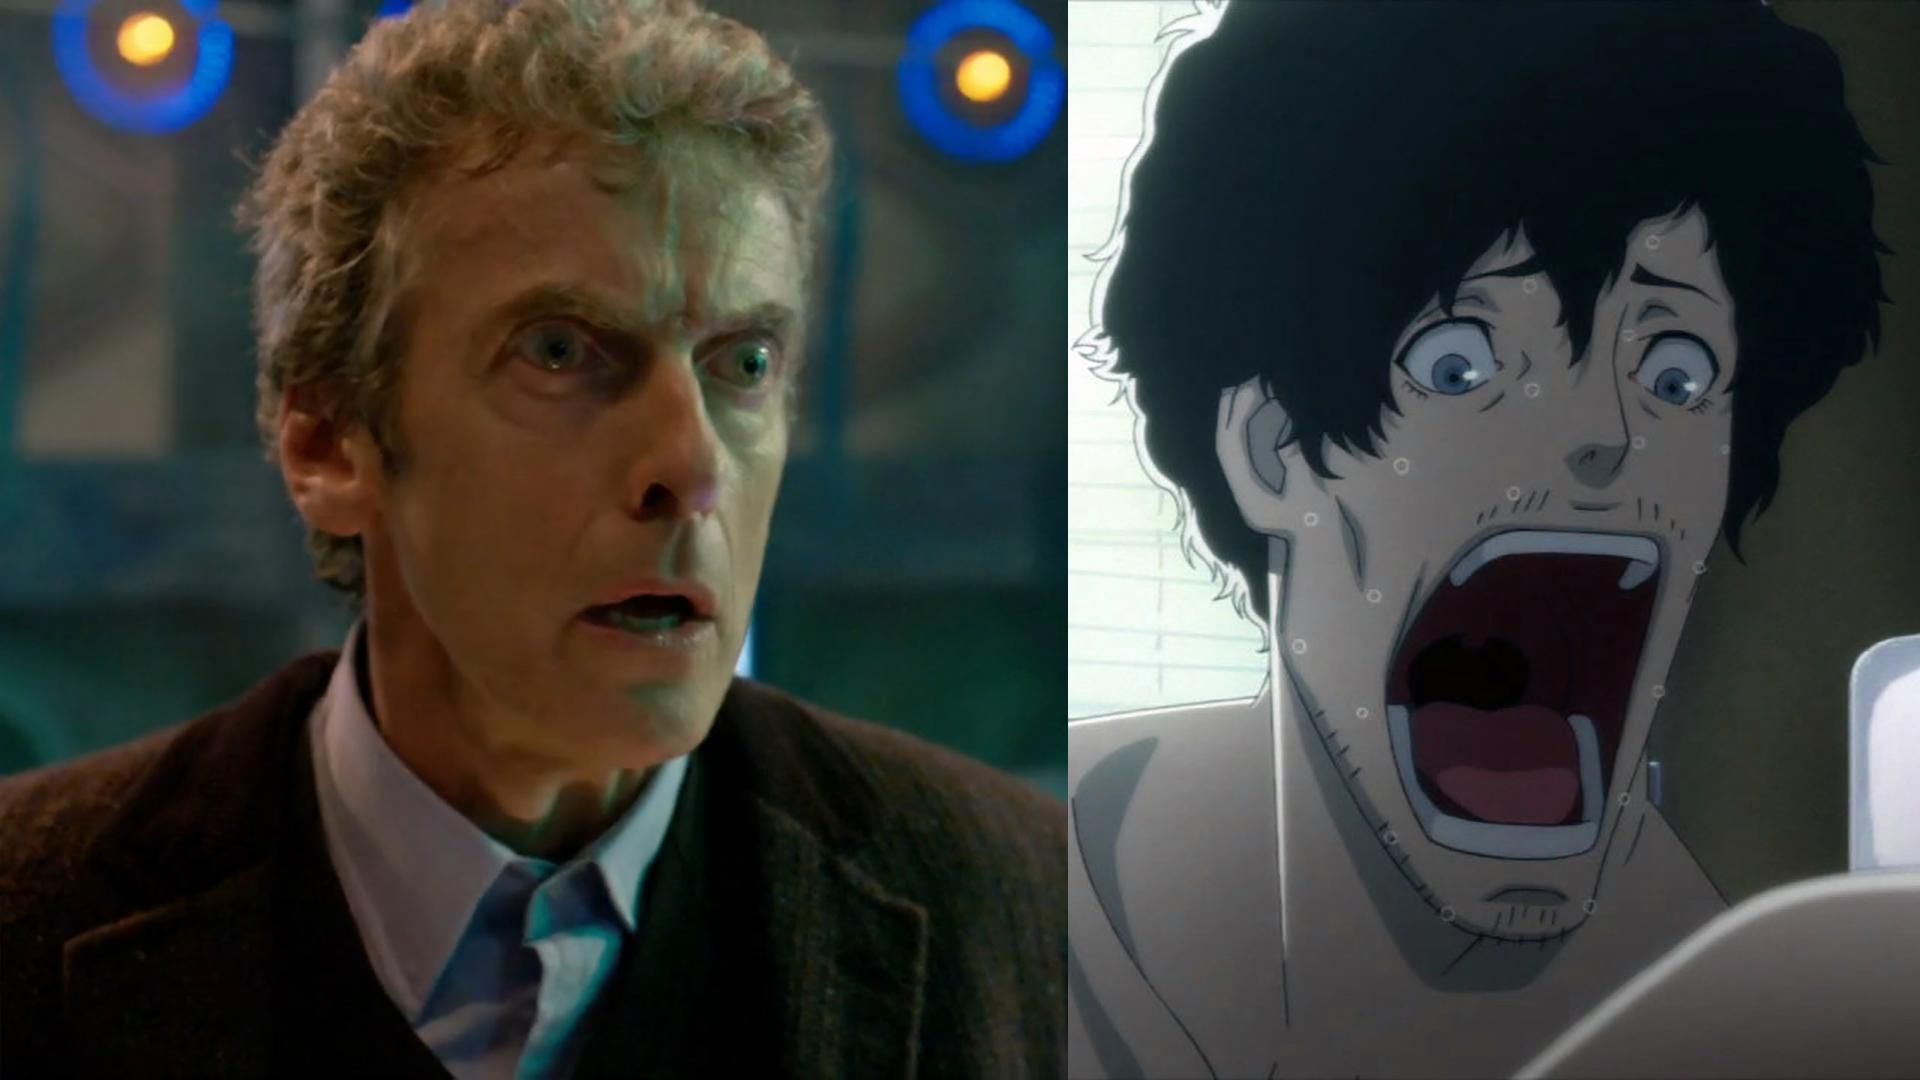 Доктор умер, да здравствует Доктор! - Изображение 1